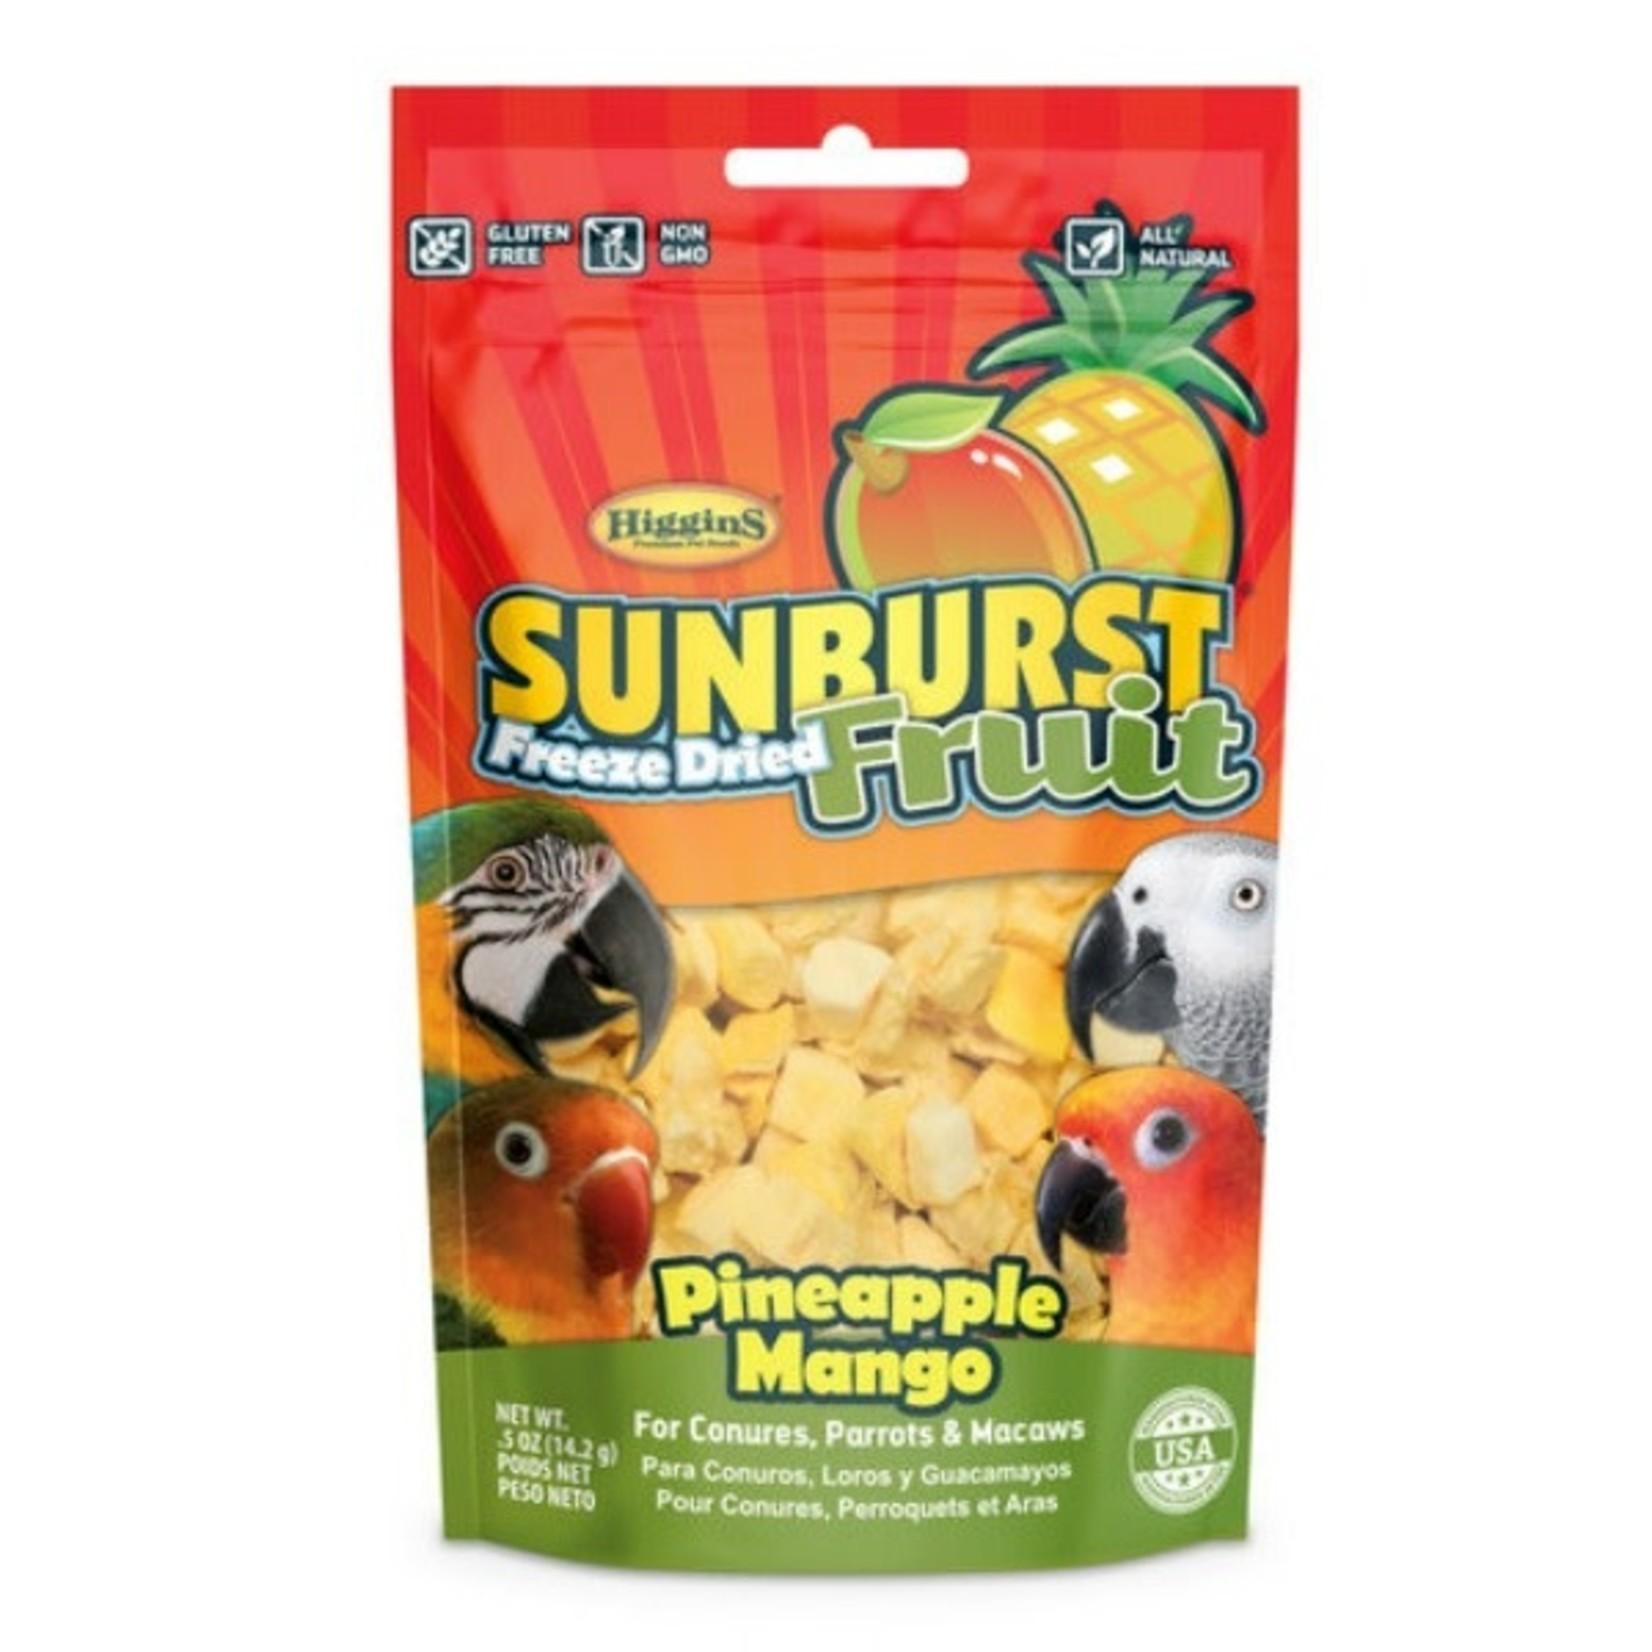 Sun Burst Freeze Dried Fruit Pinapple&Mango For Conuros,Parrots,Macaws 5oz